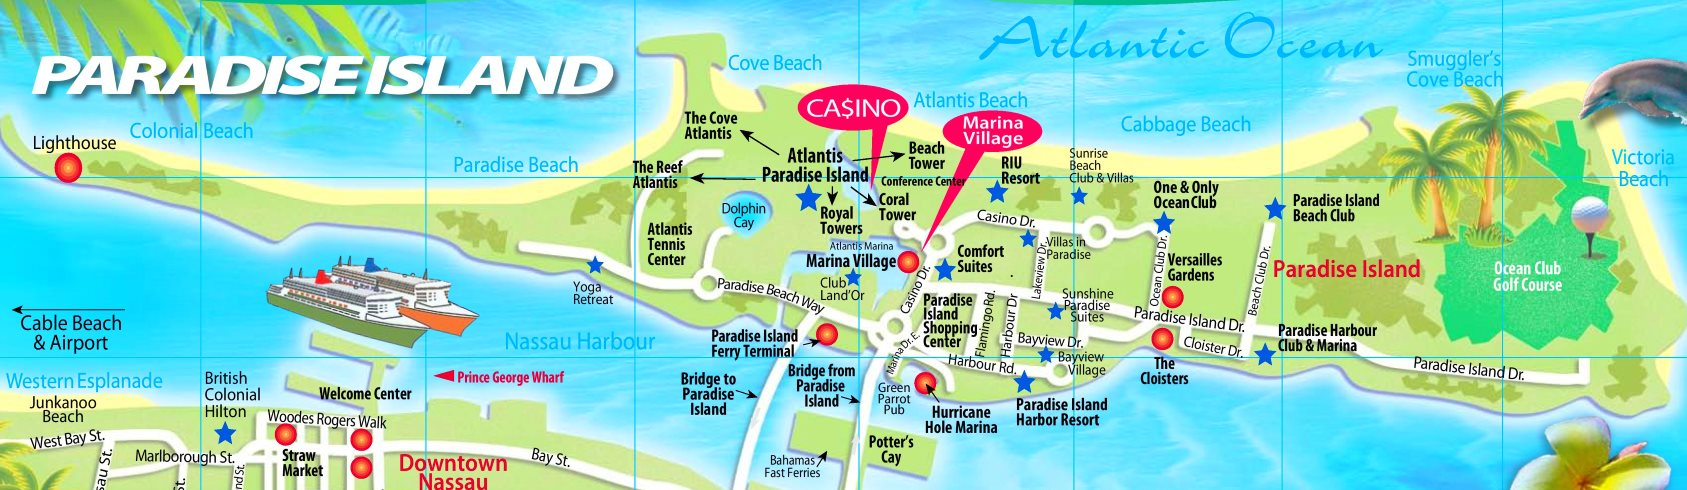 map of paradise island bahamas Paradise Island Tourist Map map of paradise island bahamas